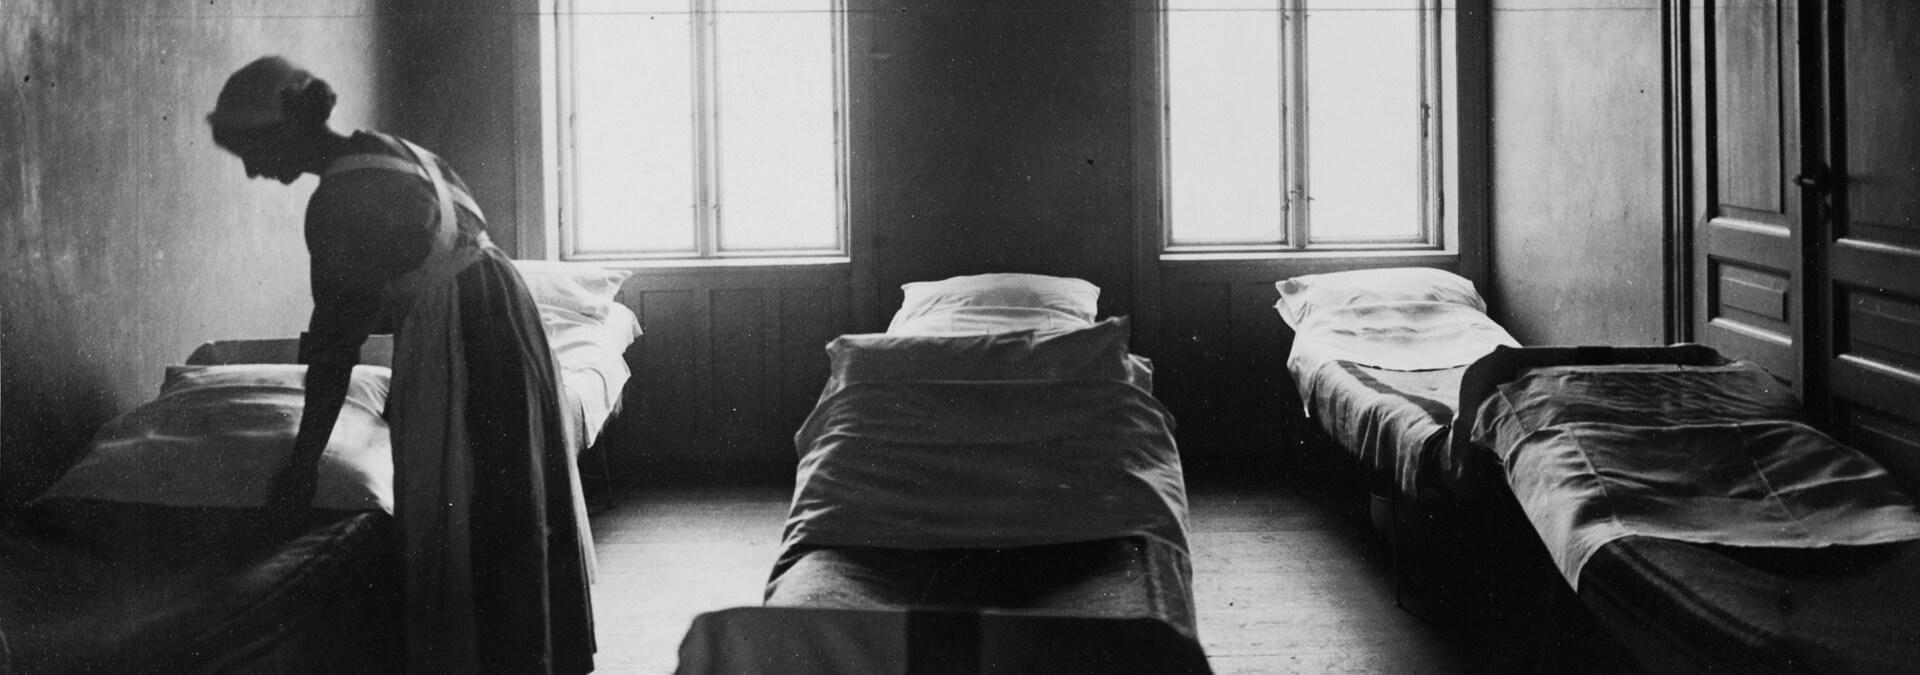 En kvinde reder en seng på en sovesal for kvinder og børn, Kvindehjemmets historie